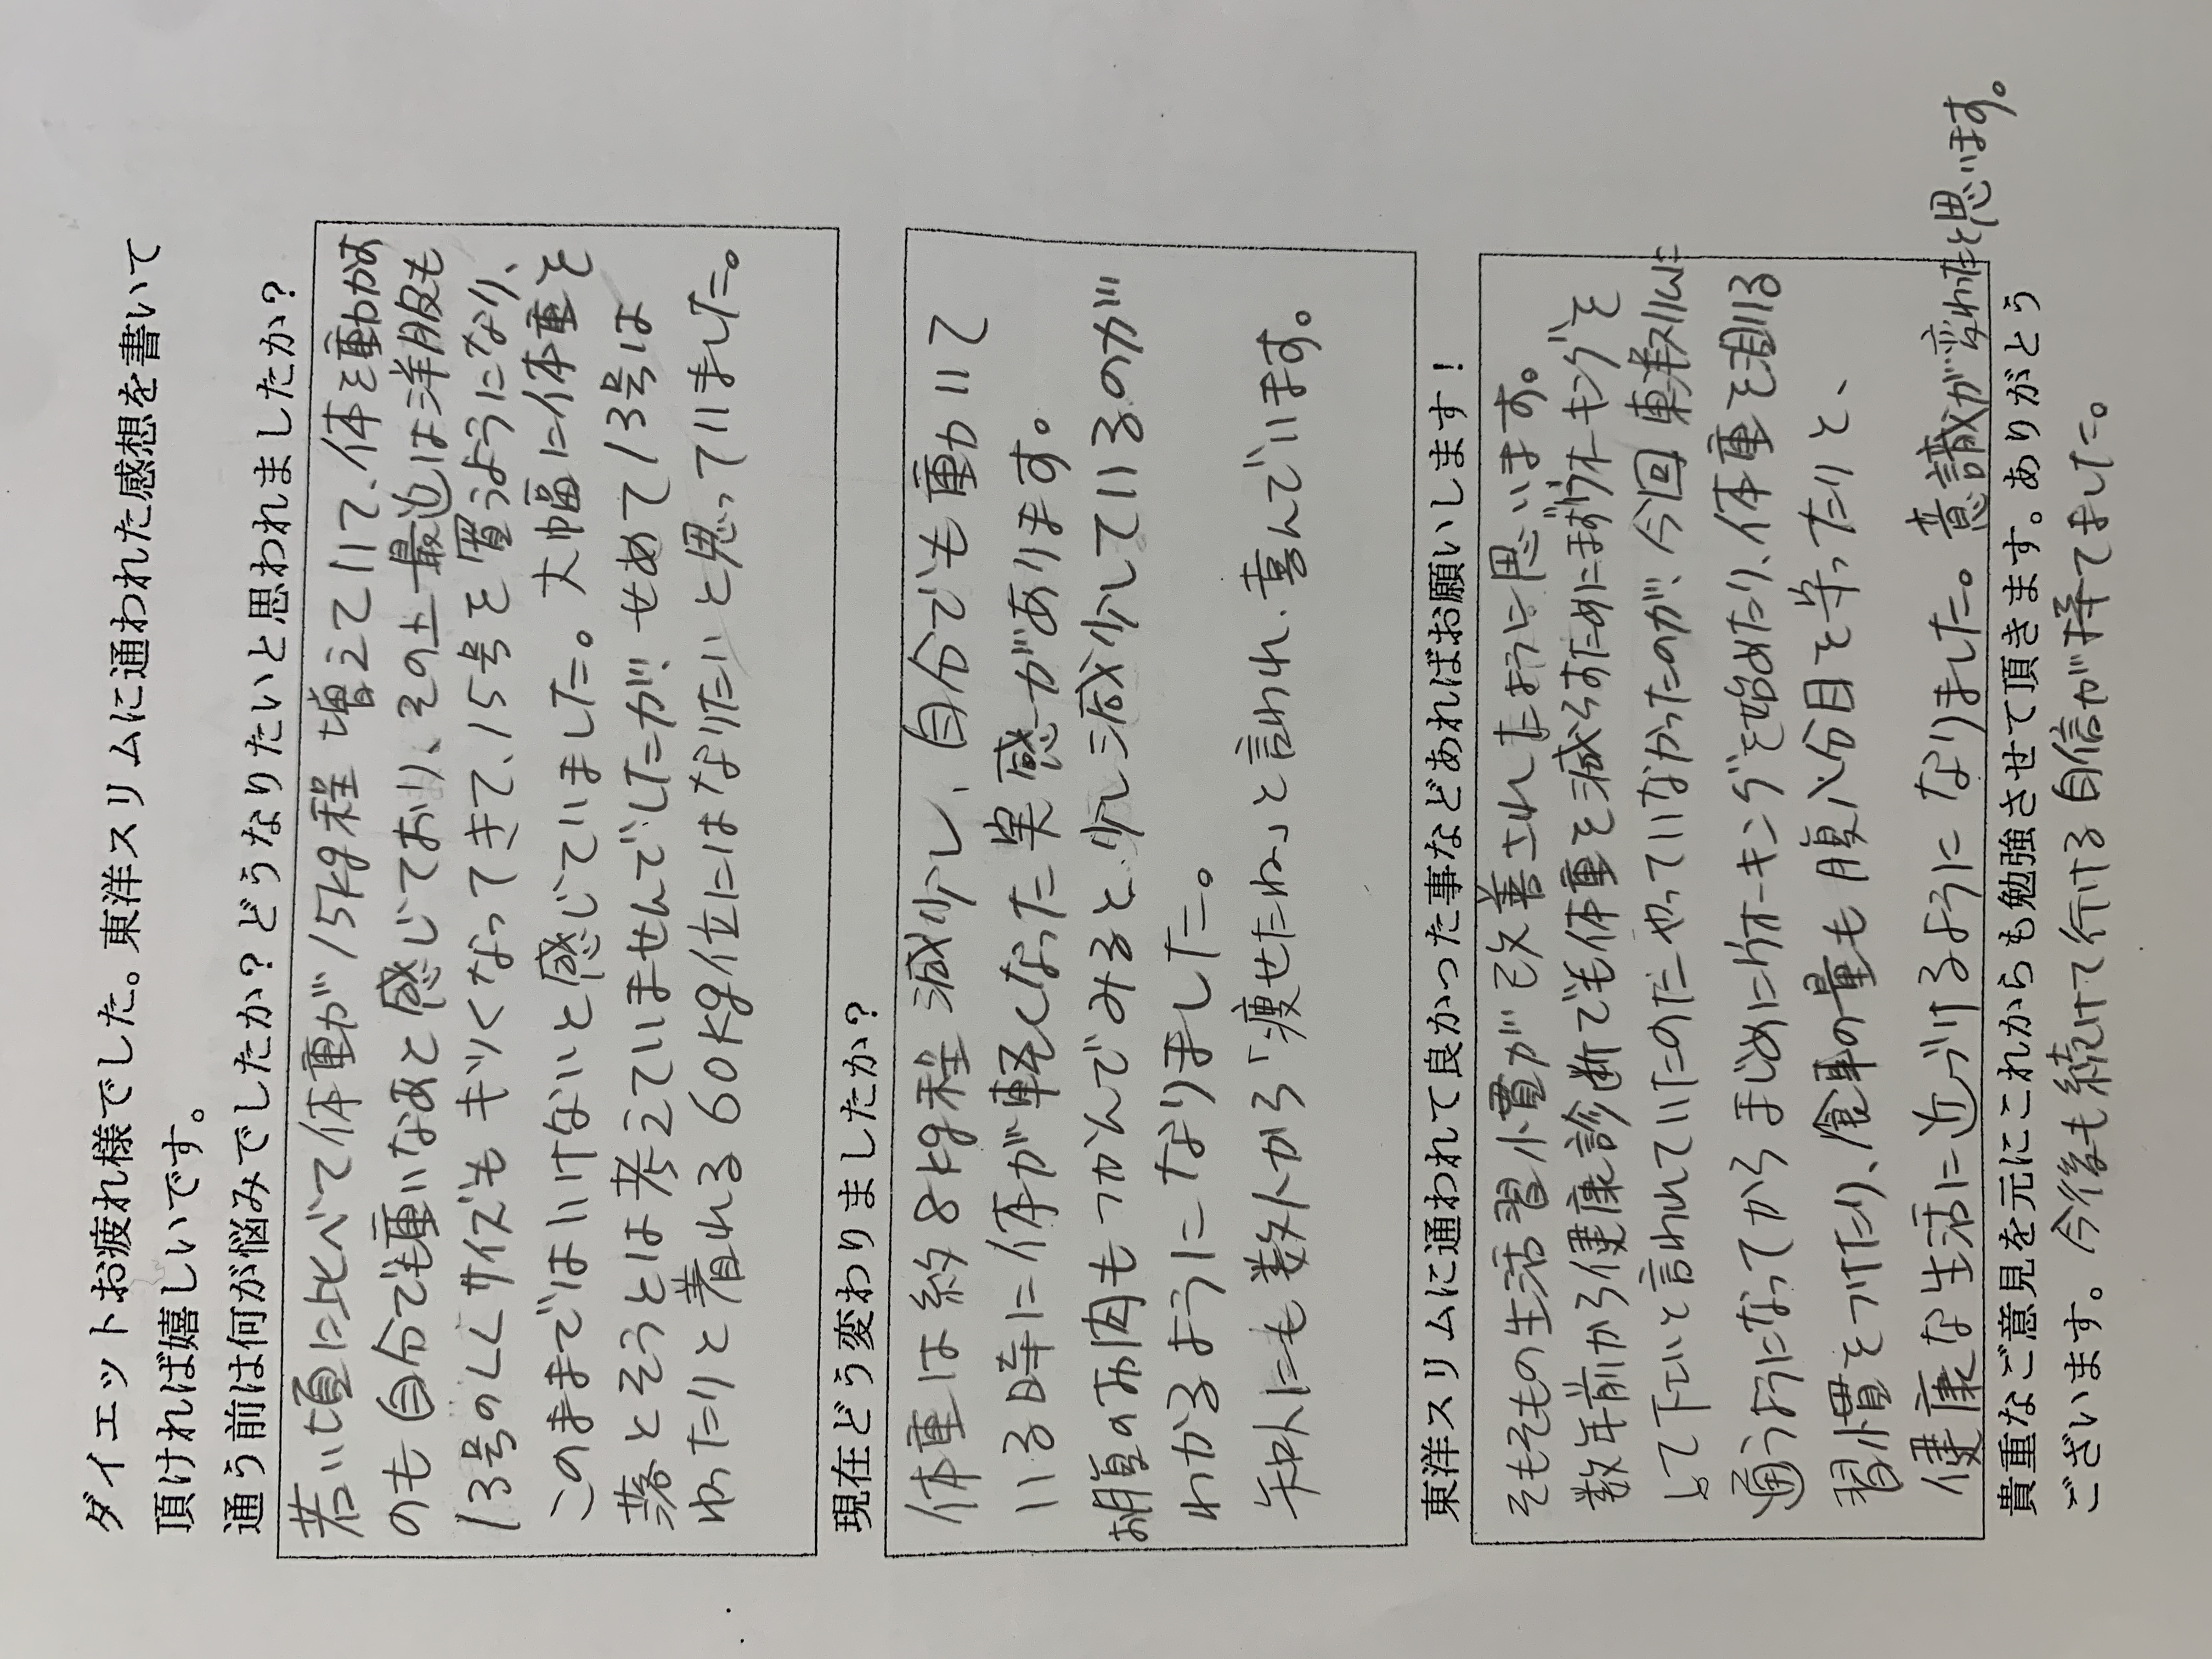 [耳ツボダイエット皆様の声]大阪市浪速区Yさん(60代)数人から「痩せたね」と言われて喜んでいます。